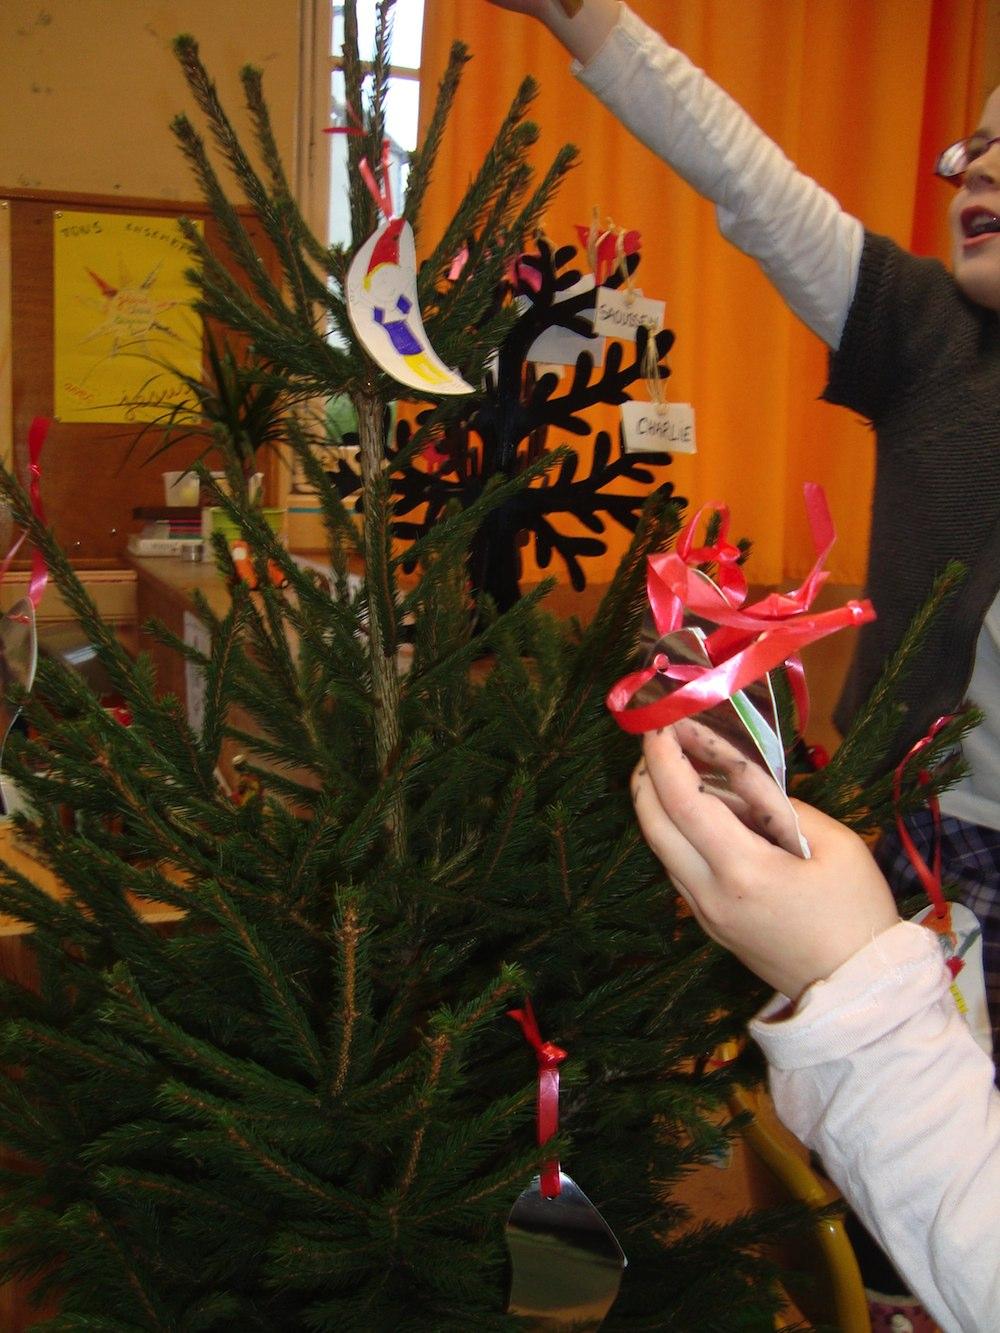 Grande Section - Cp - Mois De Décembre - Décoration De Noël encequiconcerne Bricolage Cp Noel